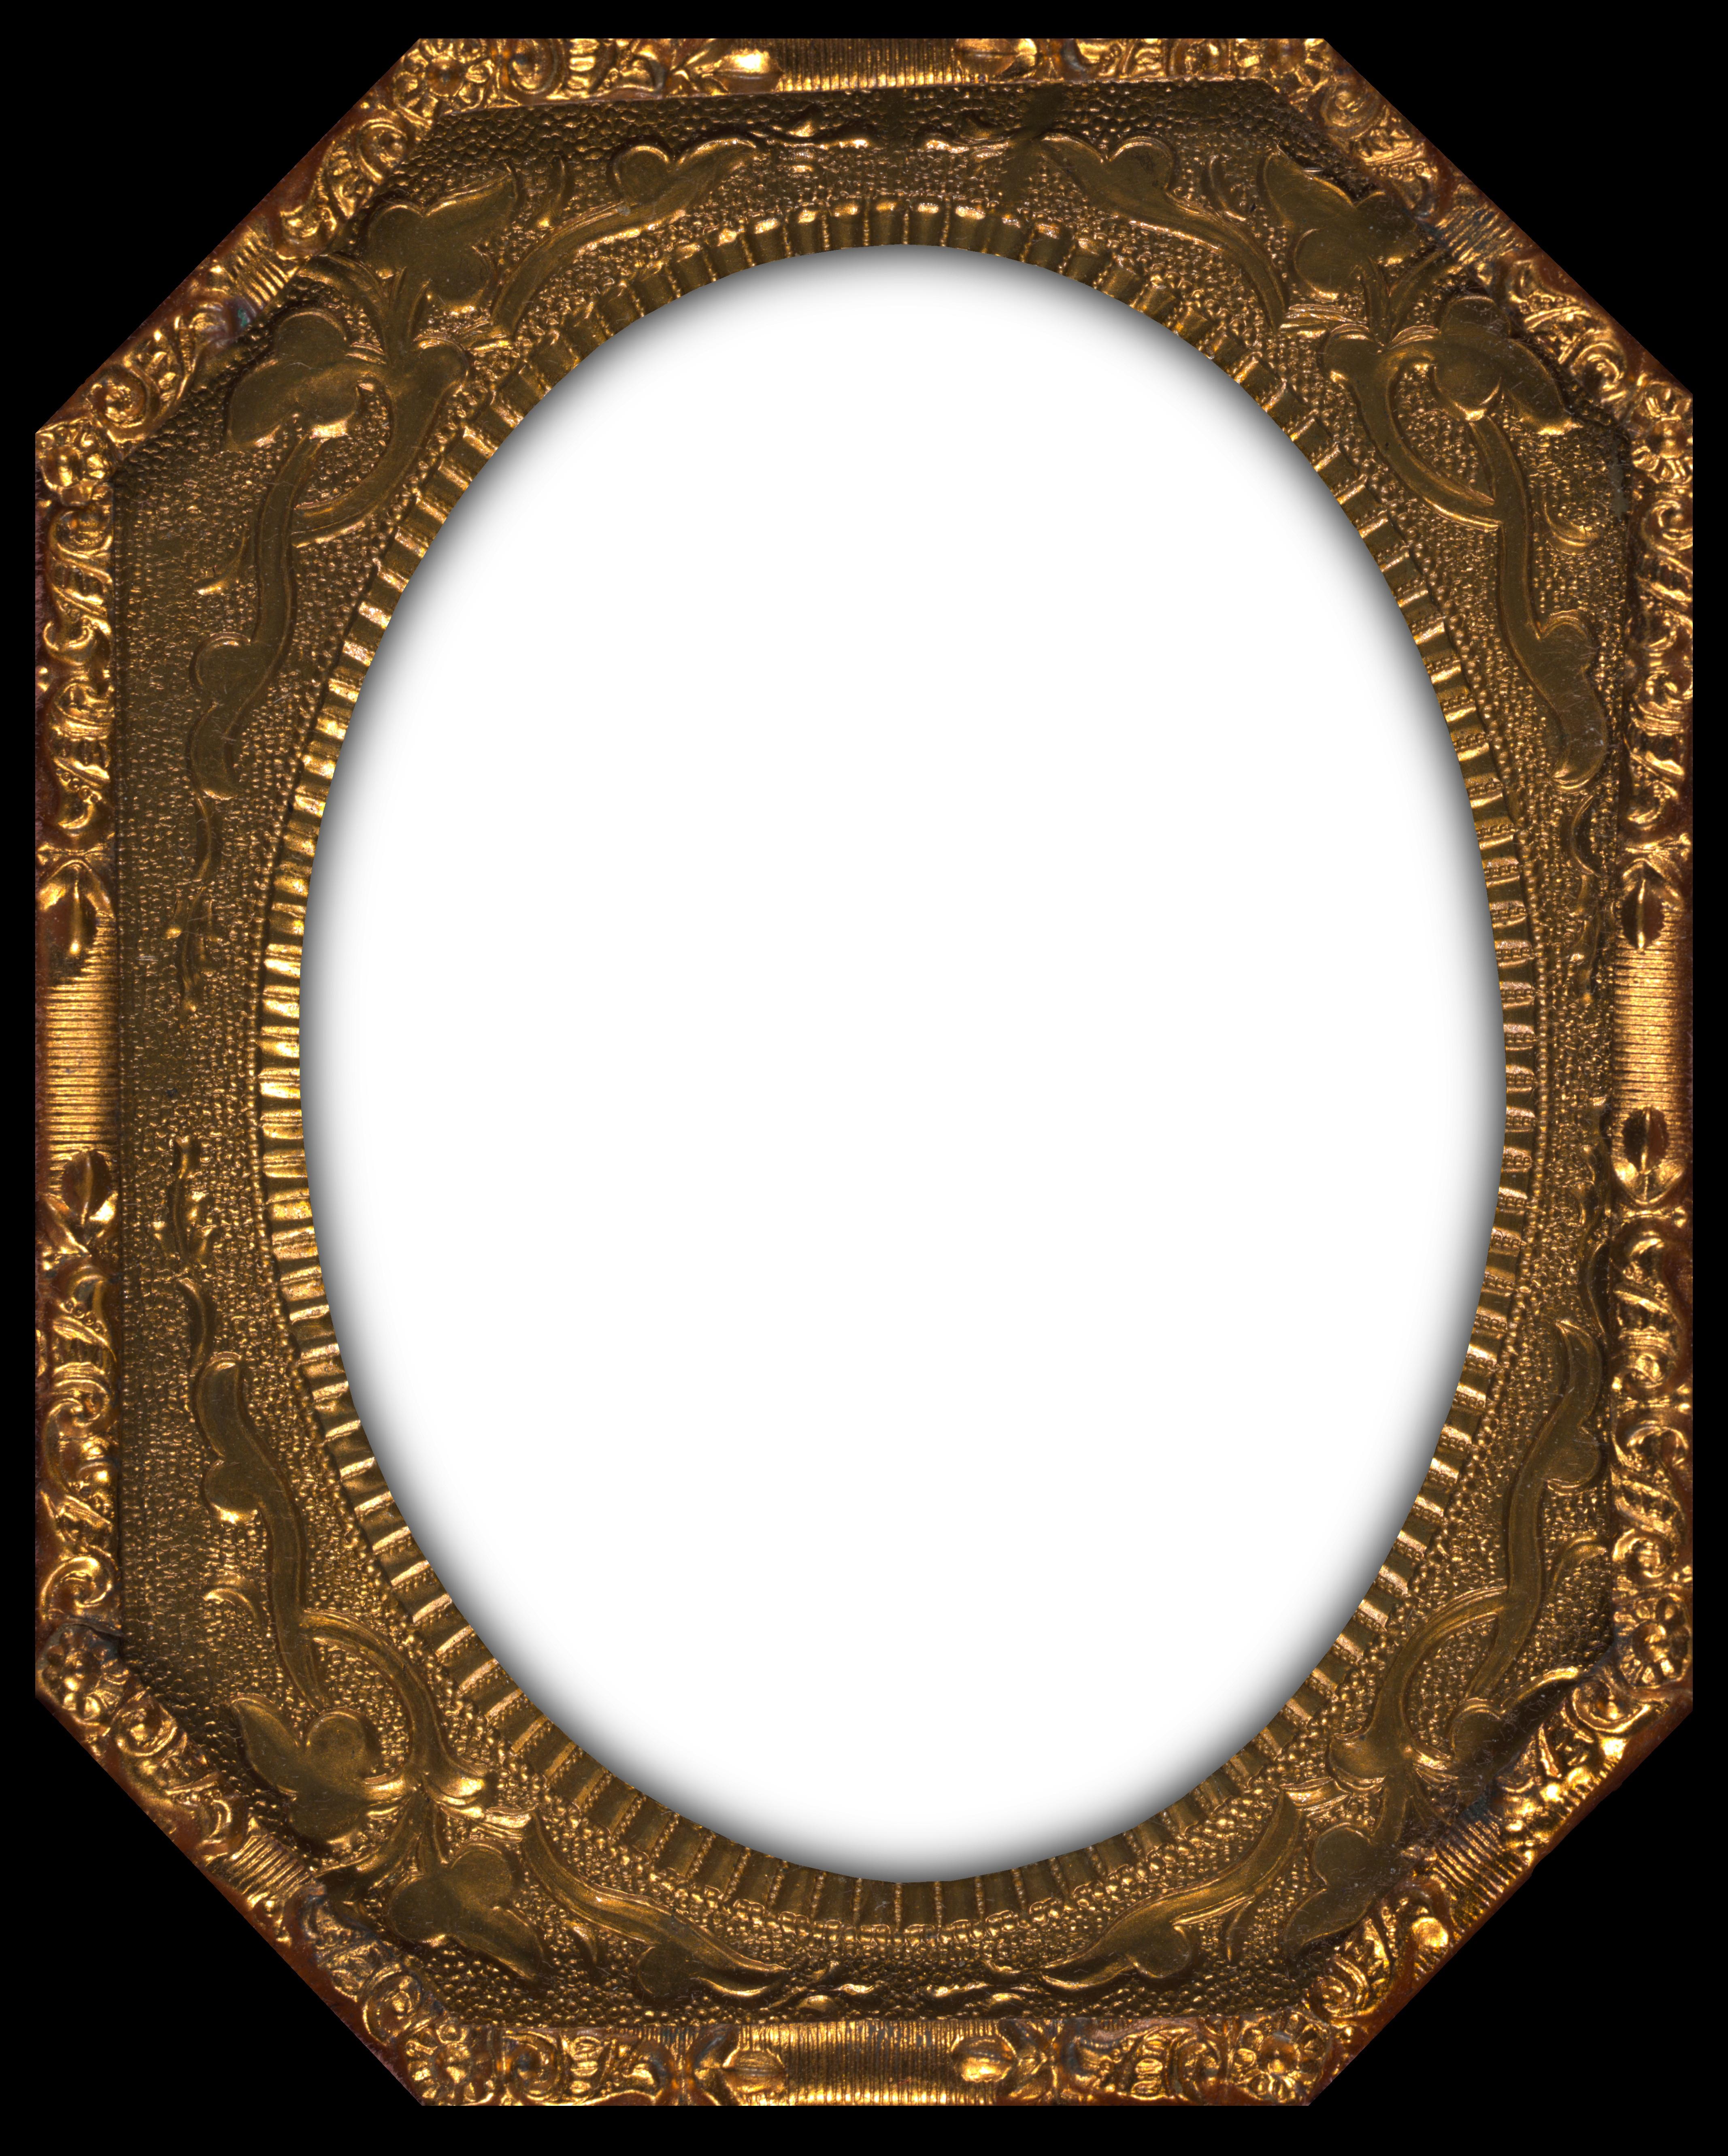 Fotos gratis : decoración, circulo, de cerca, espejo, imagen ...